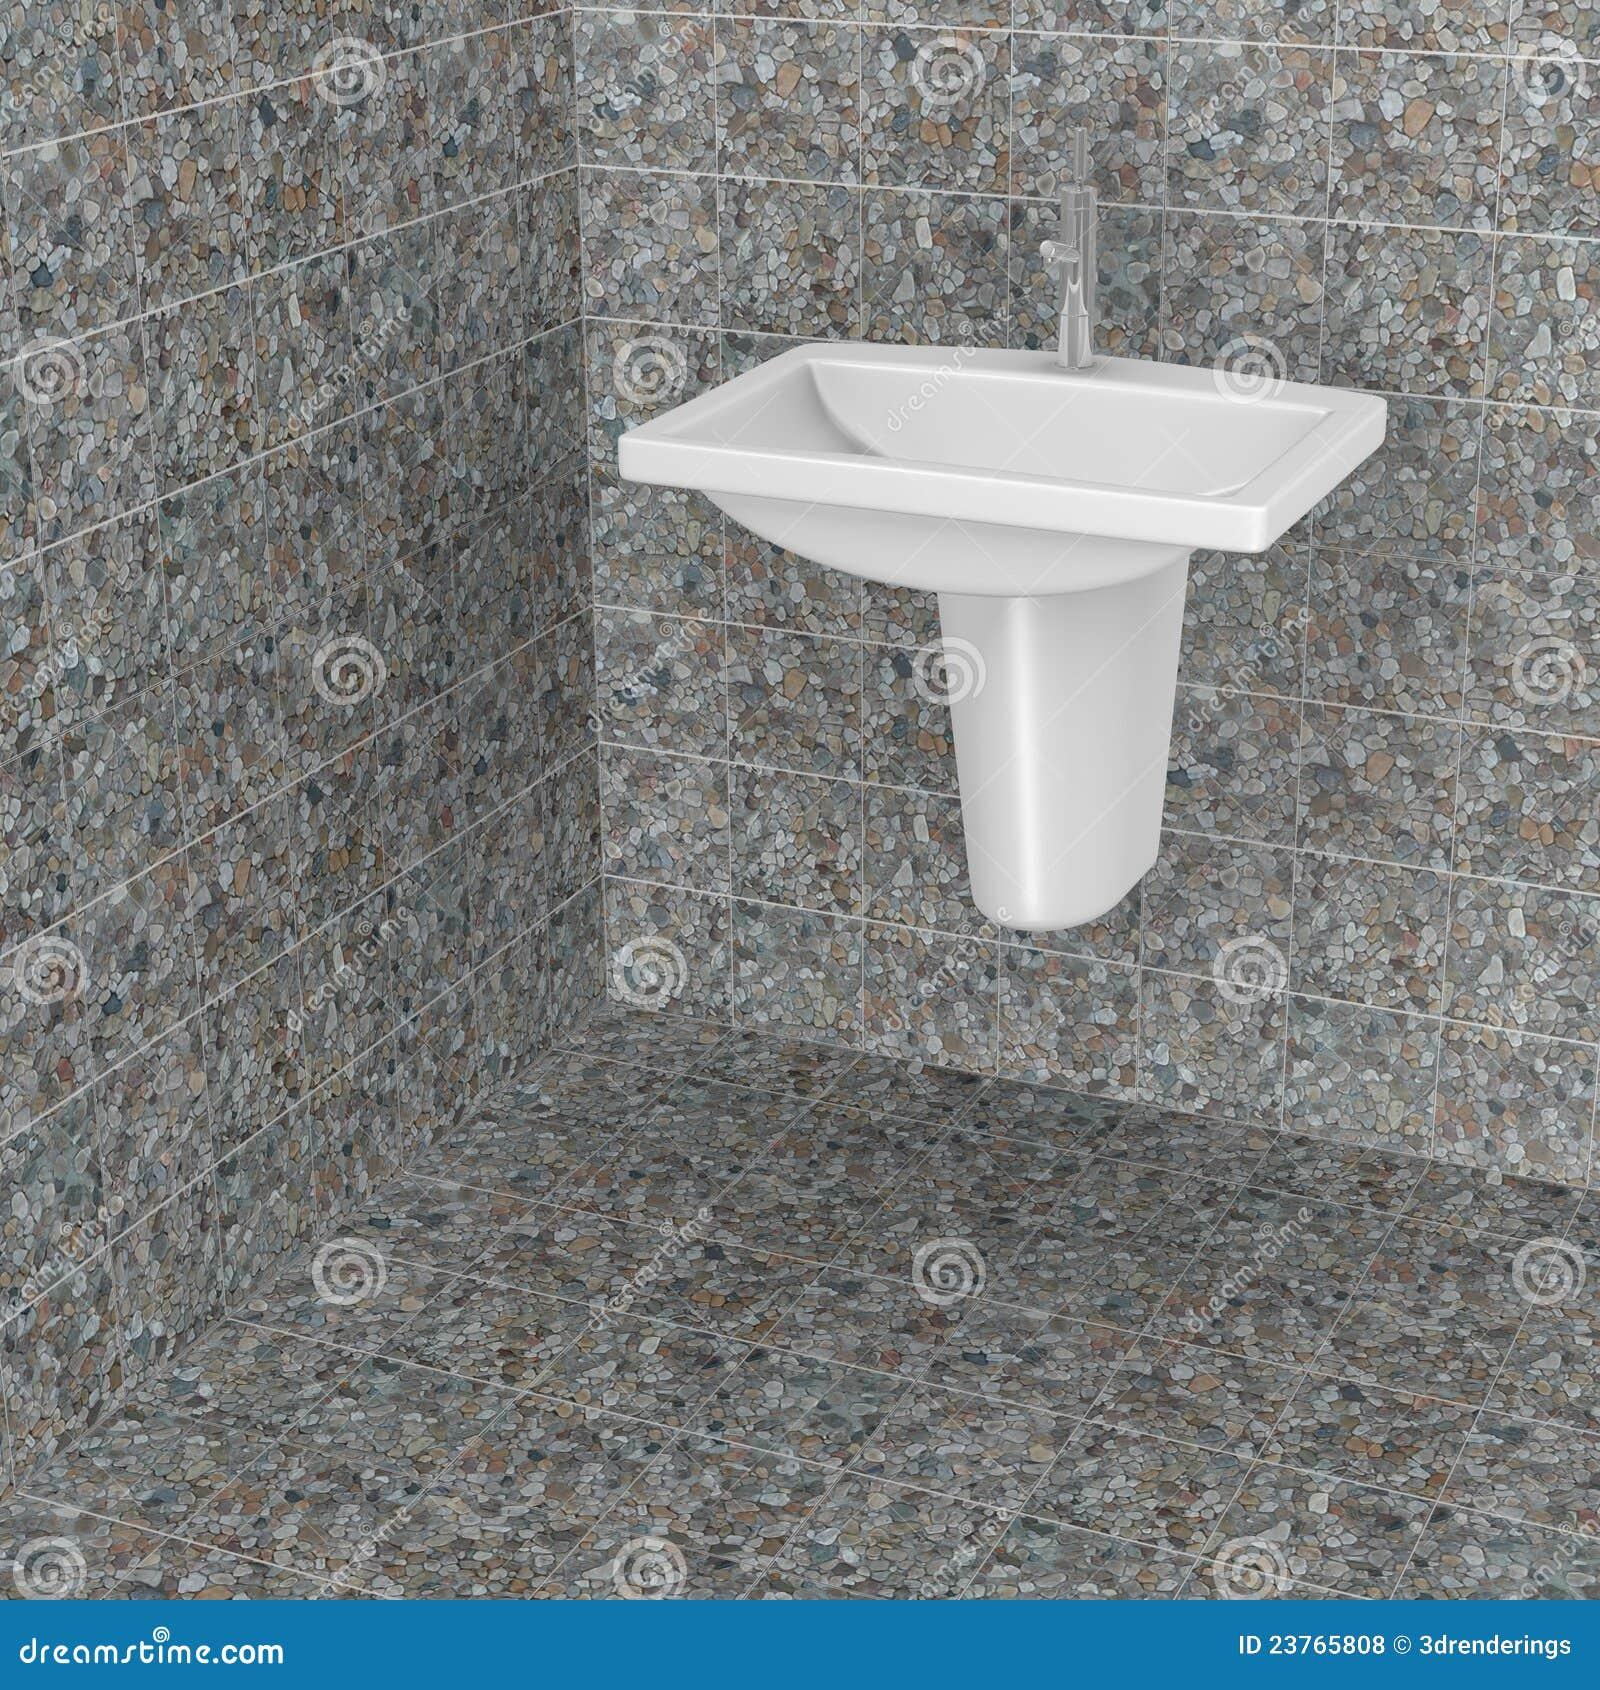 Imagenes De Baños Estilo Frances ~ Dikidu.com